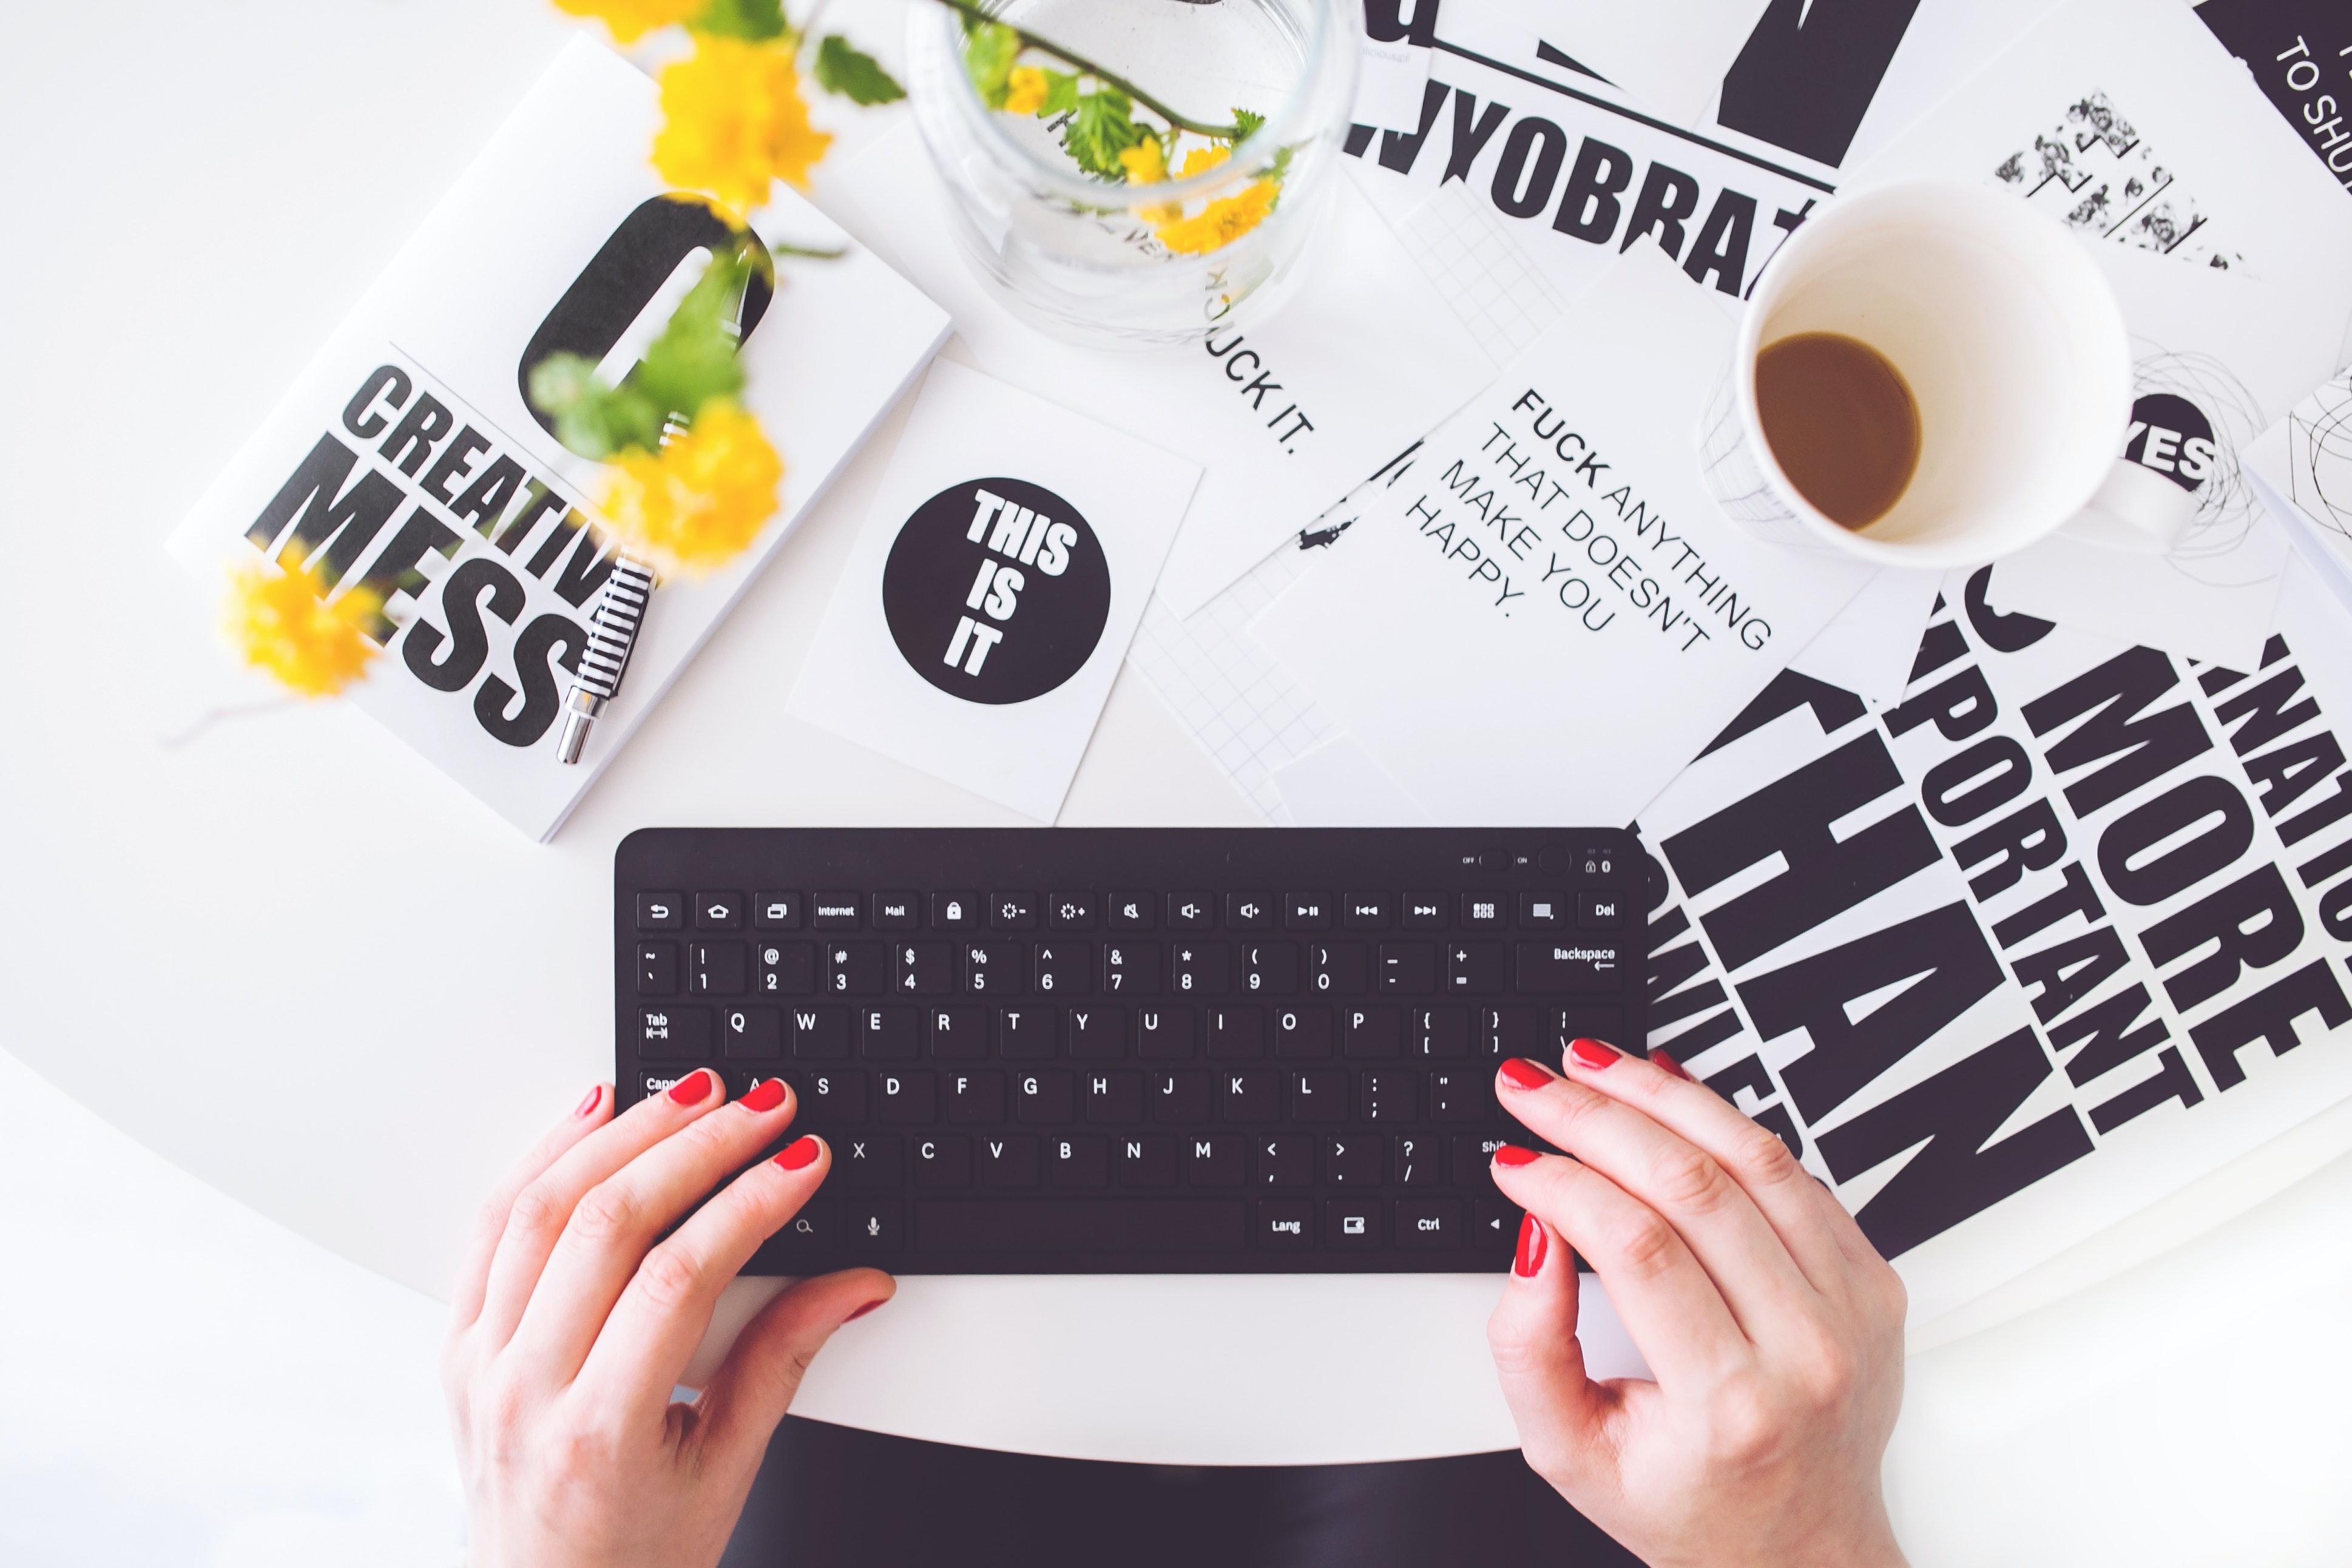 girl-writing-on-a-black-keyboard-6469.jpg